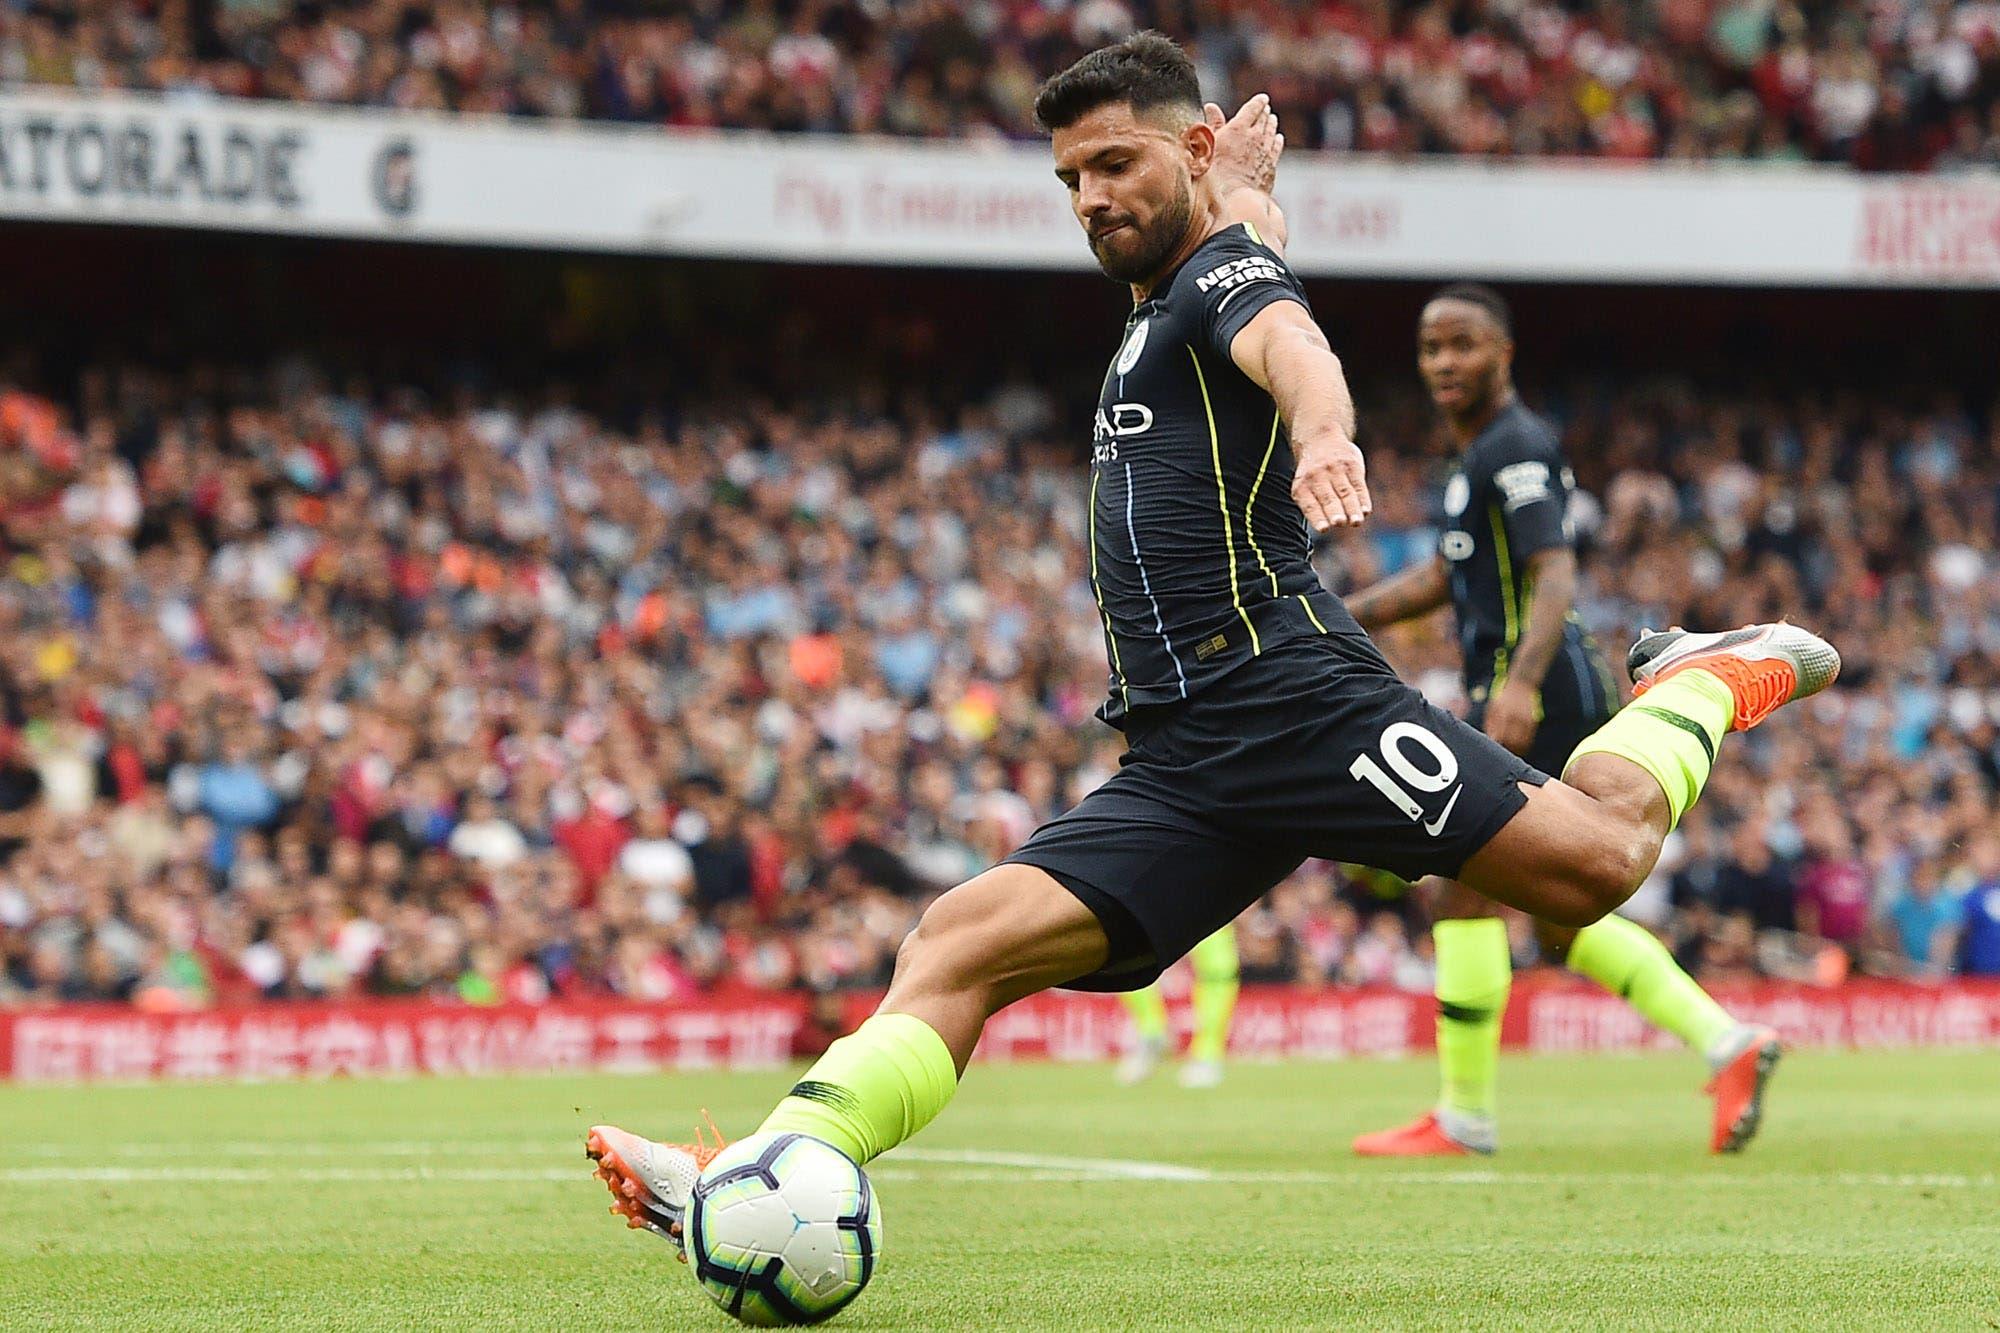 Wolverhampton-Manchester City, Premier League: el equipo de Sergio Agüero, por otro triunfo